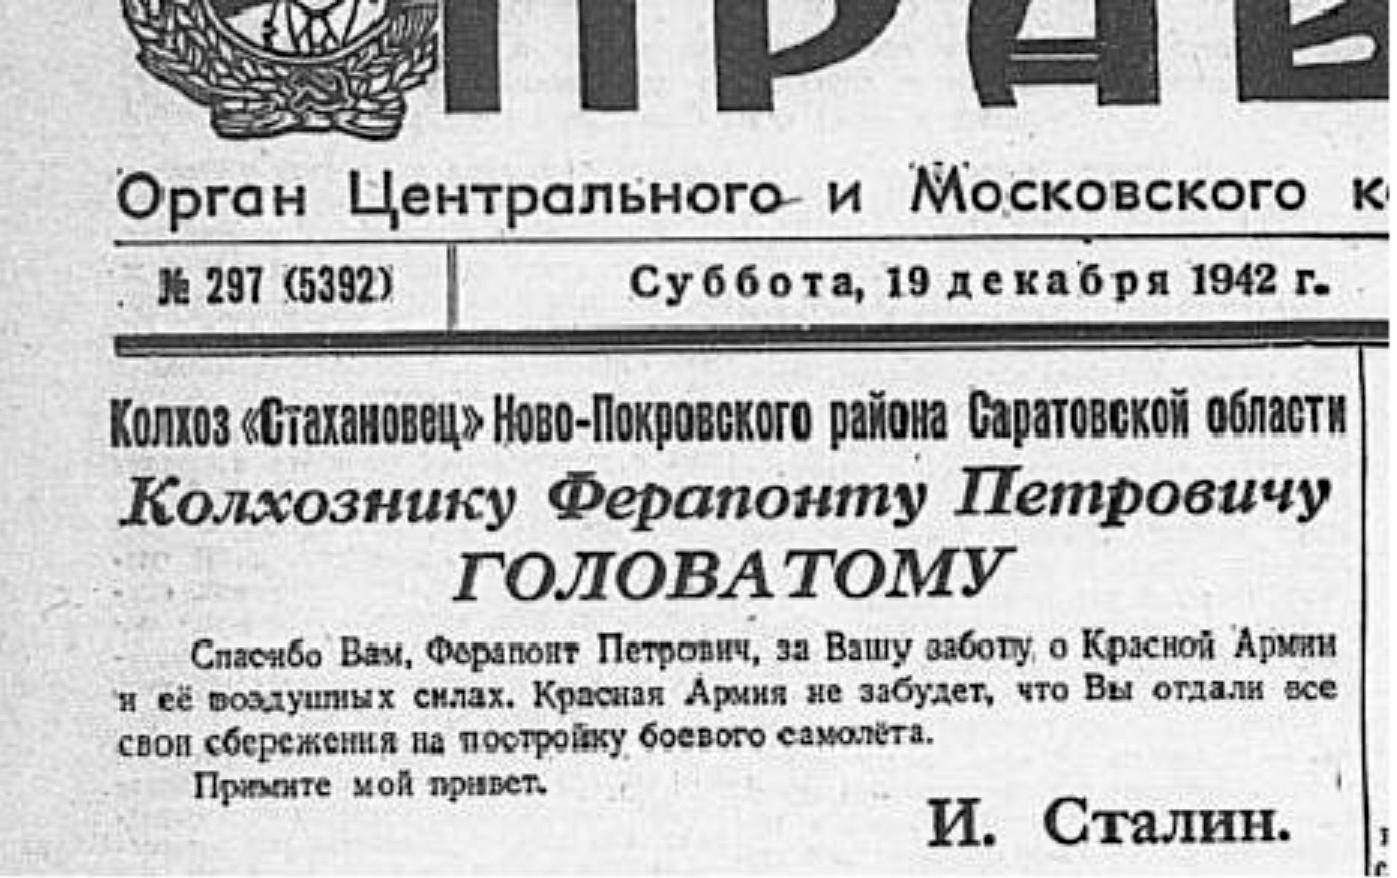 Сталин благодарит колхозника Головатого за купленный самолет